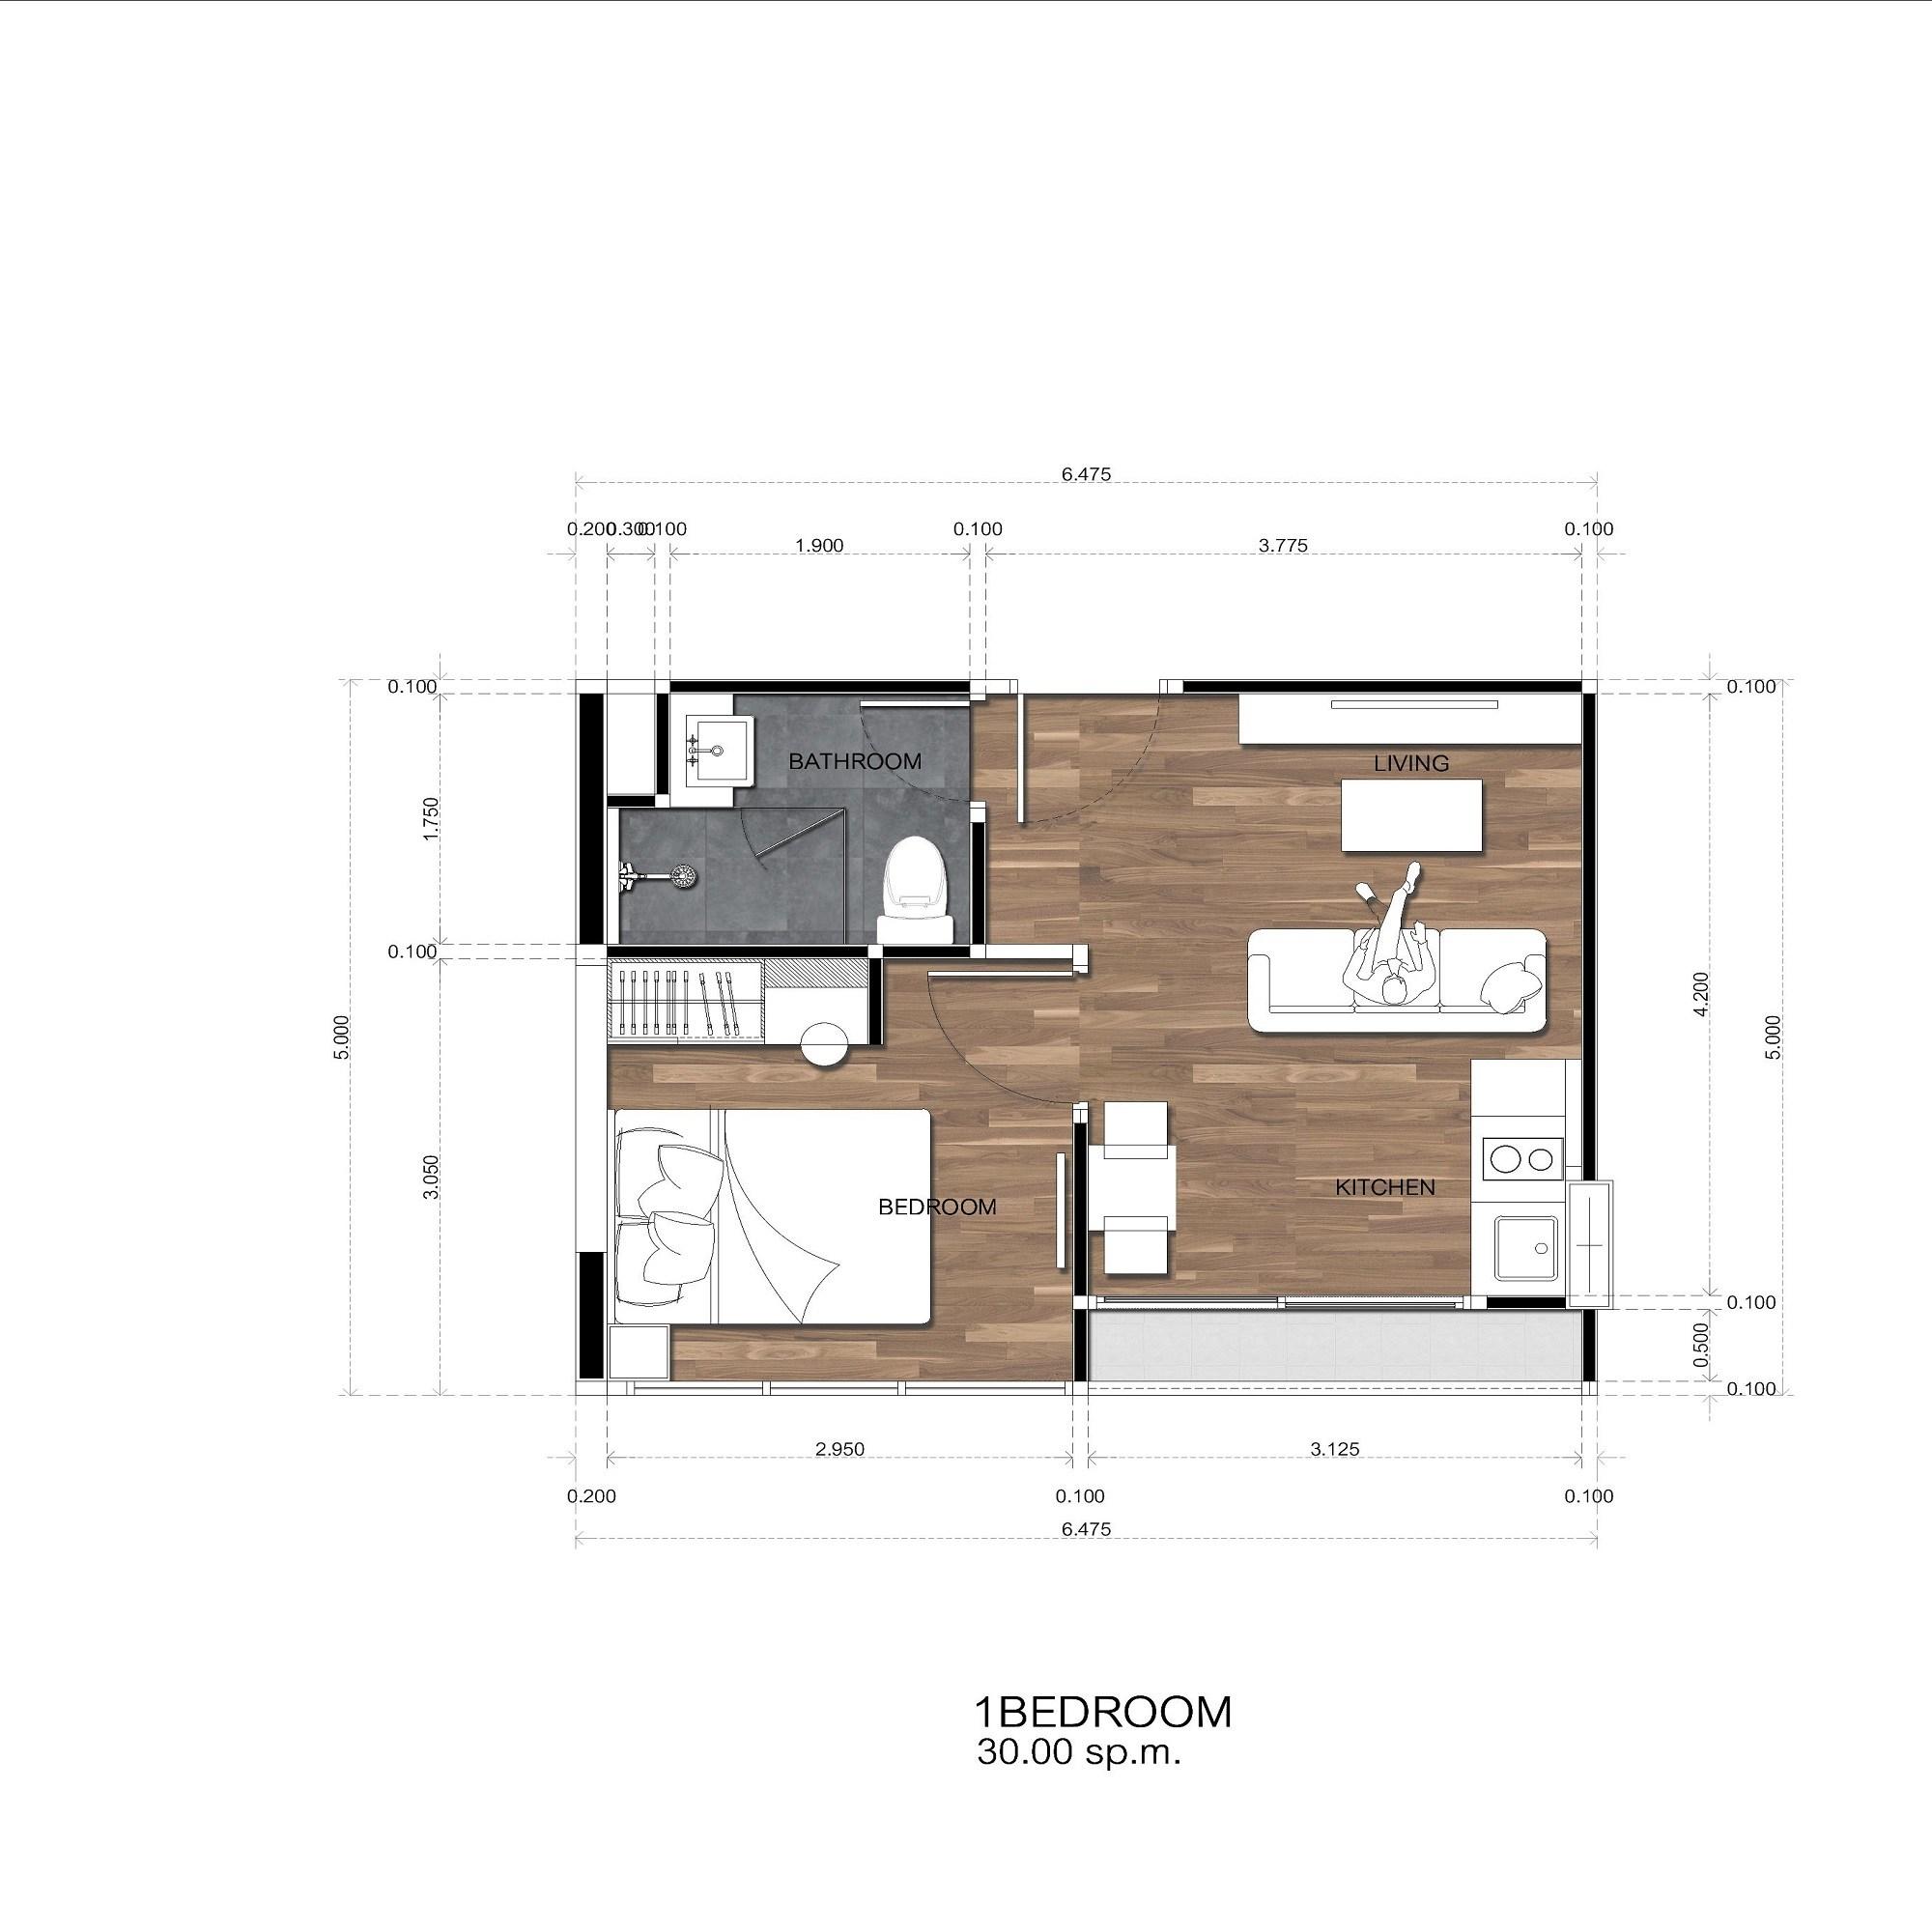 Amigo Grandeur Condominiums floorplan 440sqft east facing